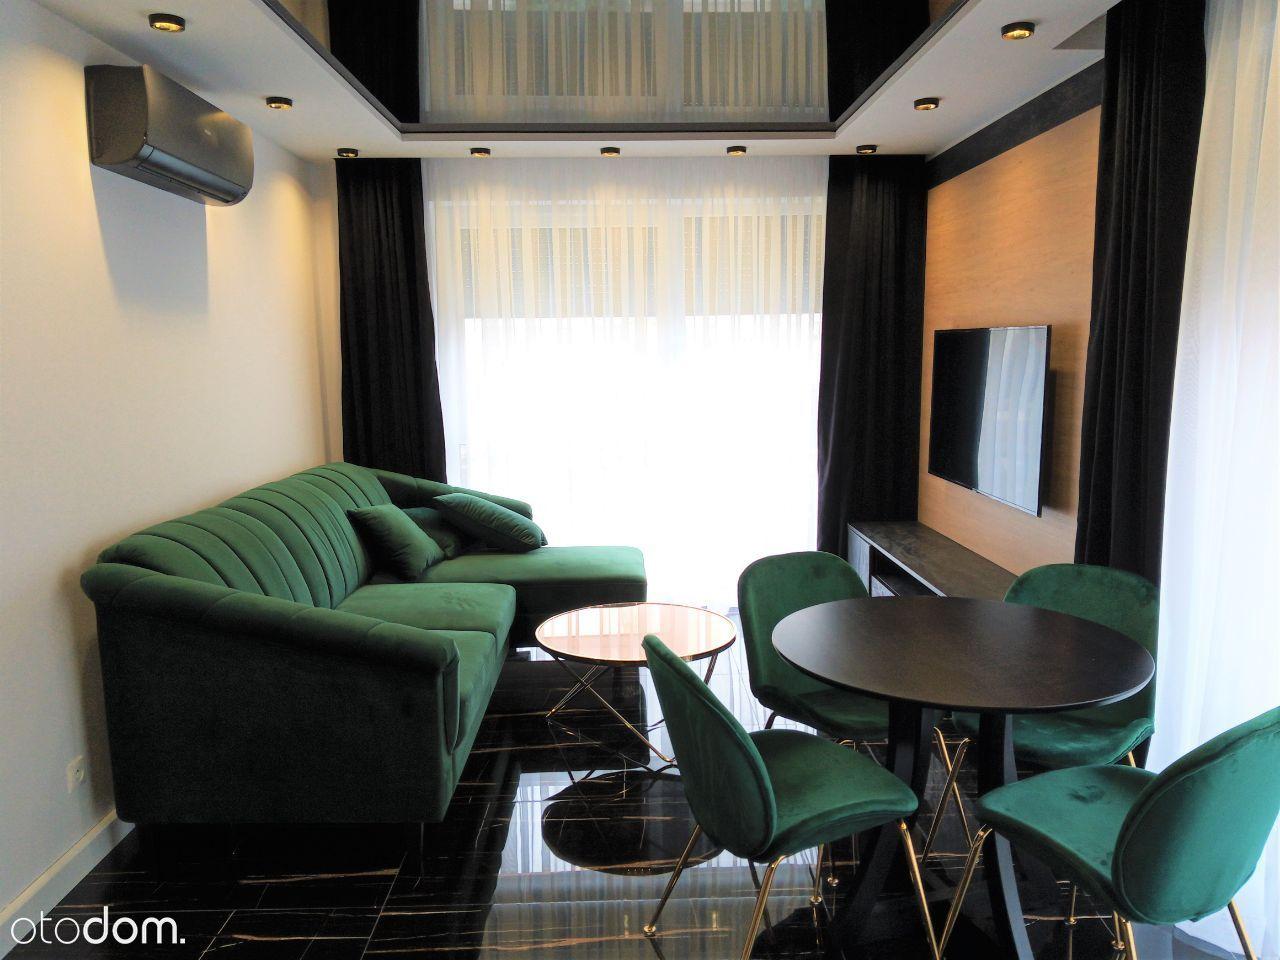 Apartament do wynajęcia 42 m2 Nowa Sól